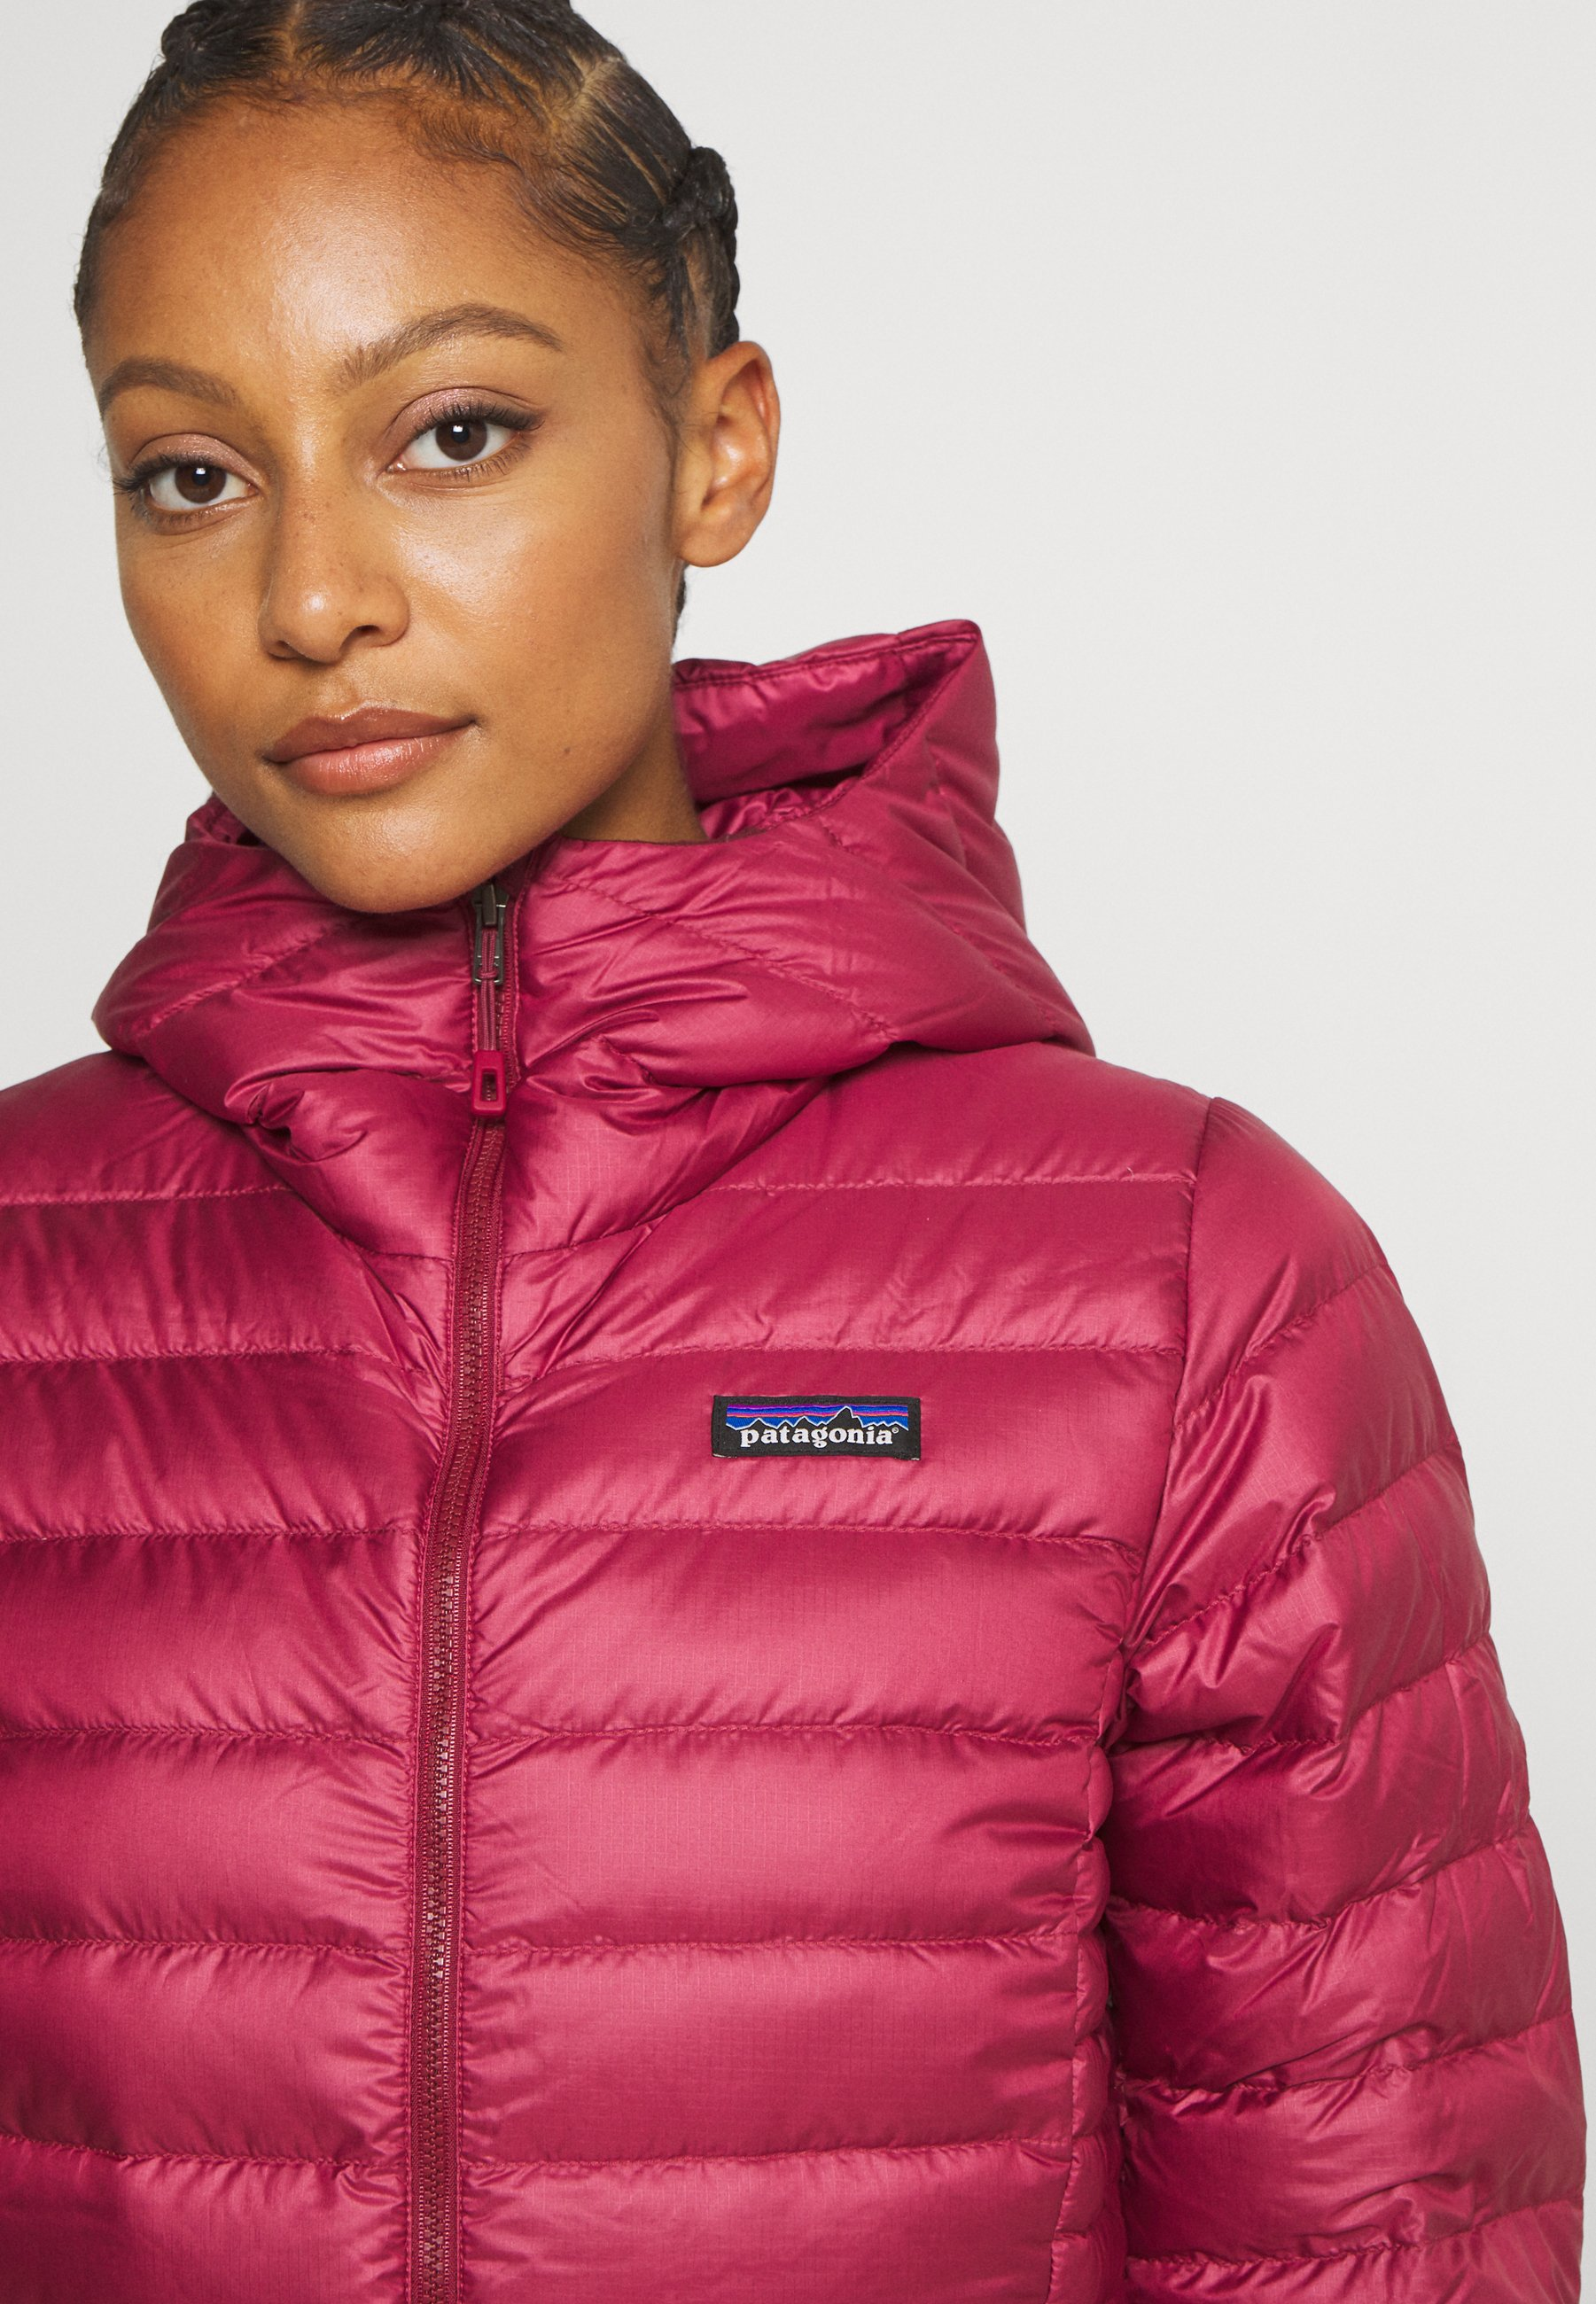 Patagonia Down jacket - roamer red Yk4gx